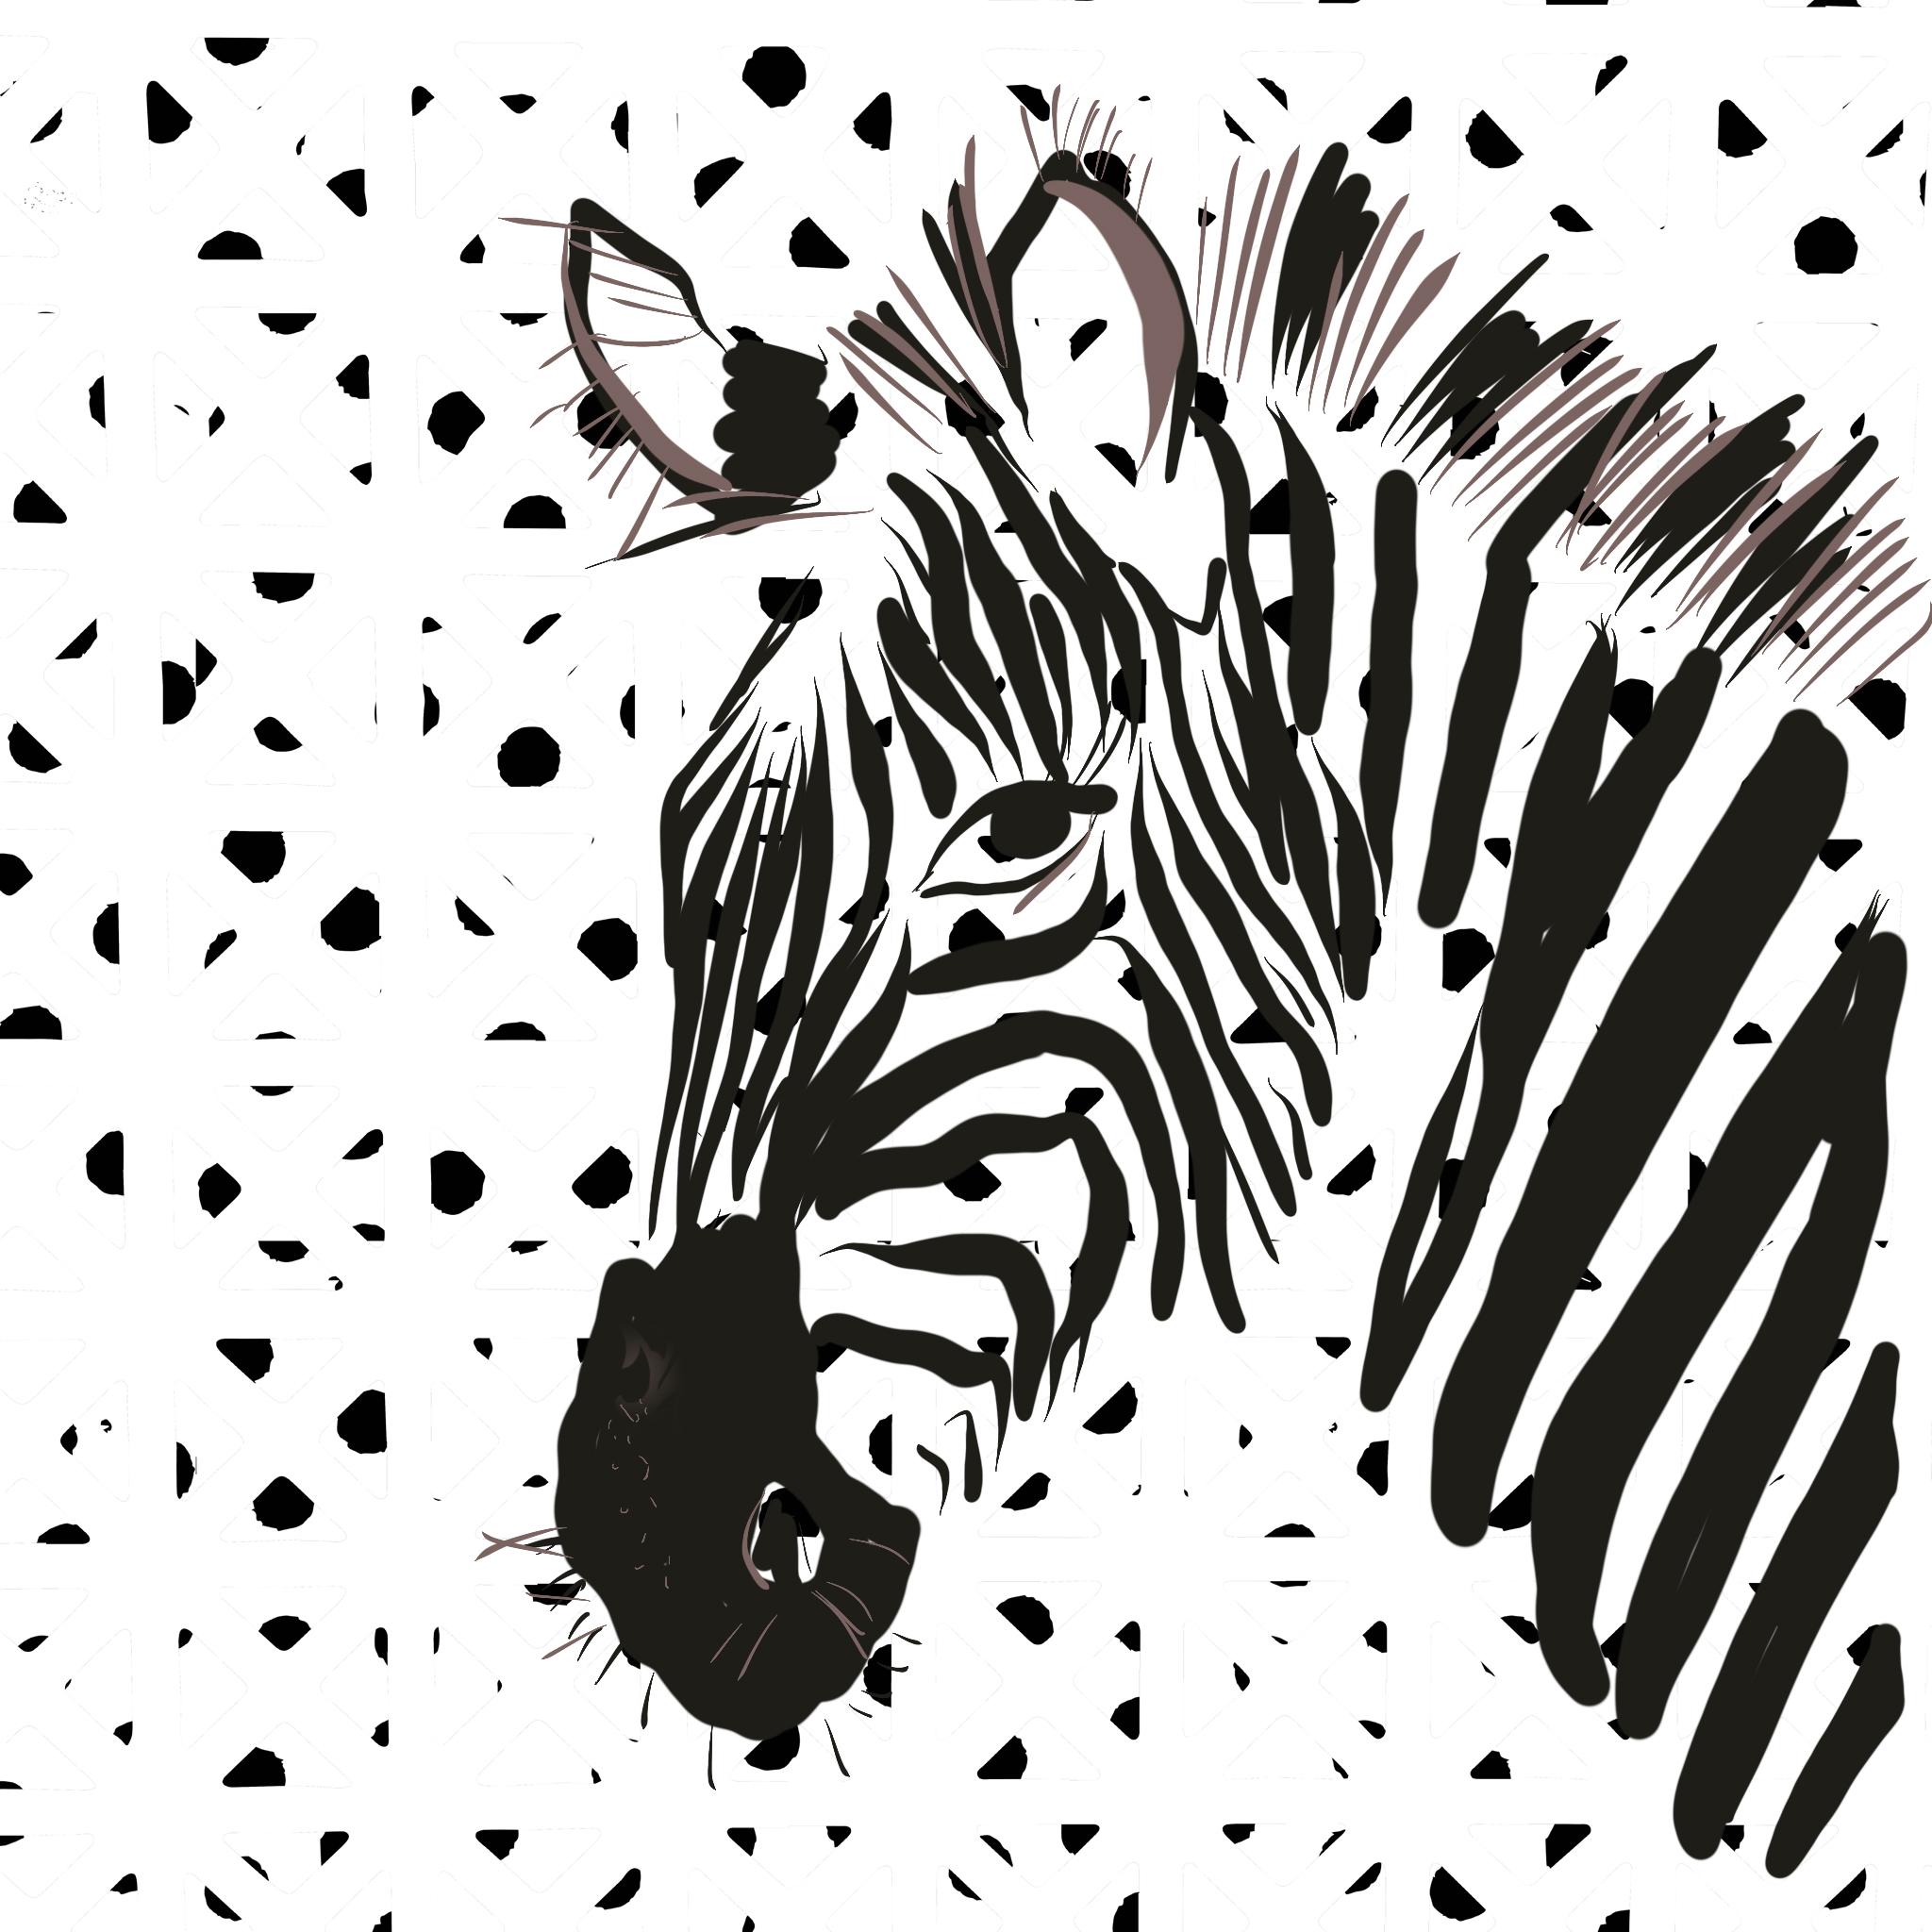 zebra-head-print.JPG